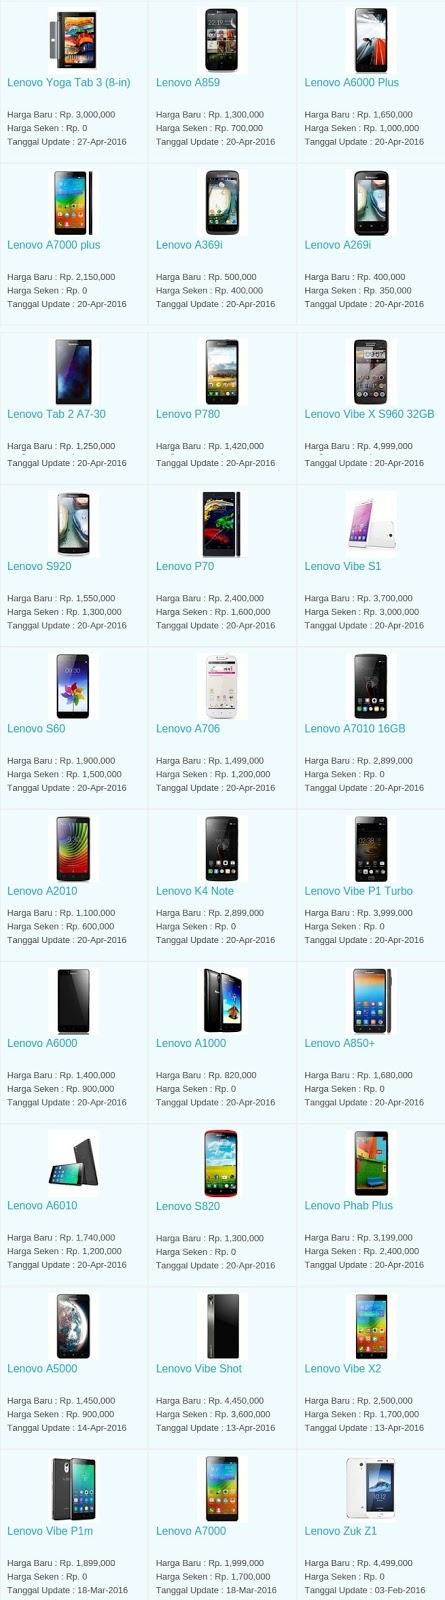 Daftar Harga Hp Terbaru Lenovo Mei 2016